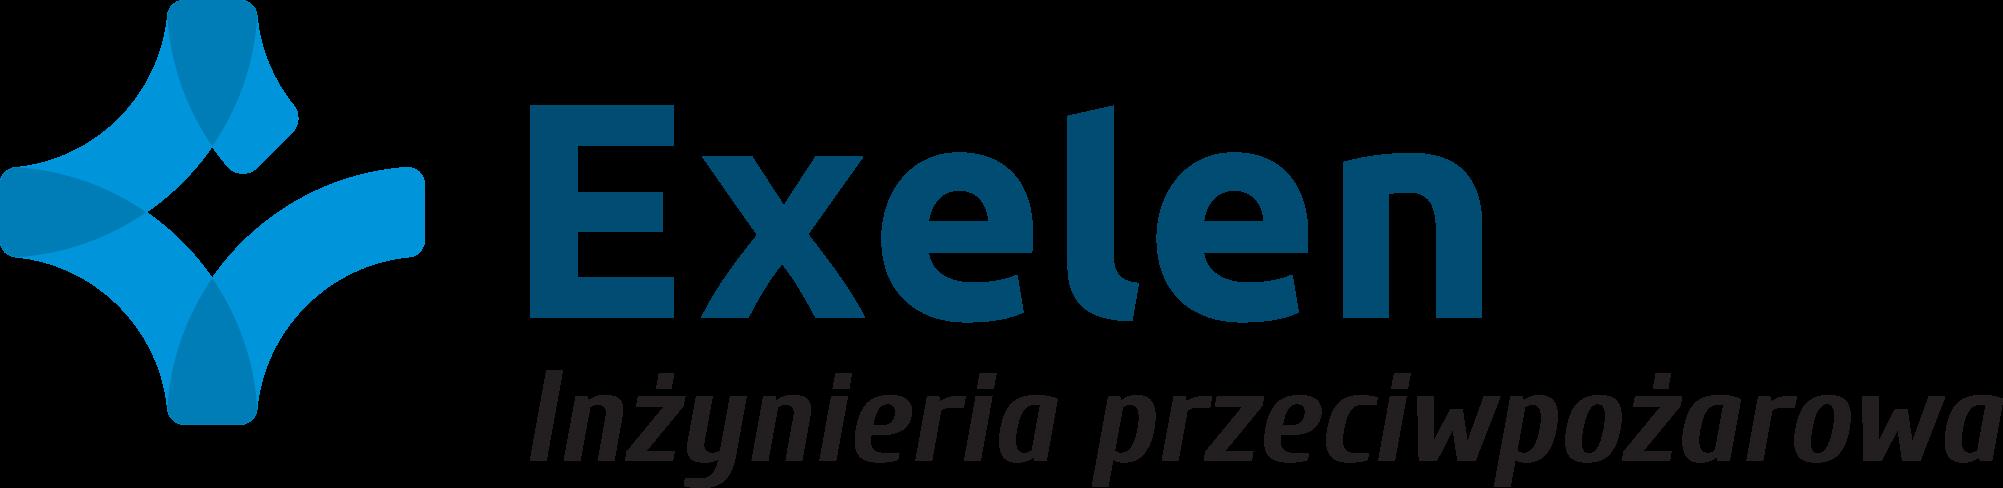 Exelen – inżynieria przeciwpożarowa